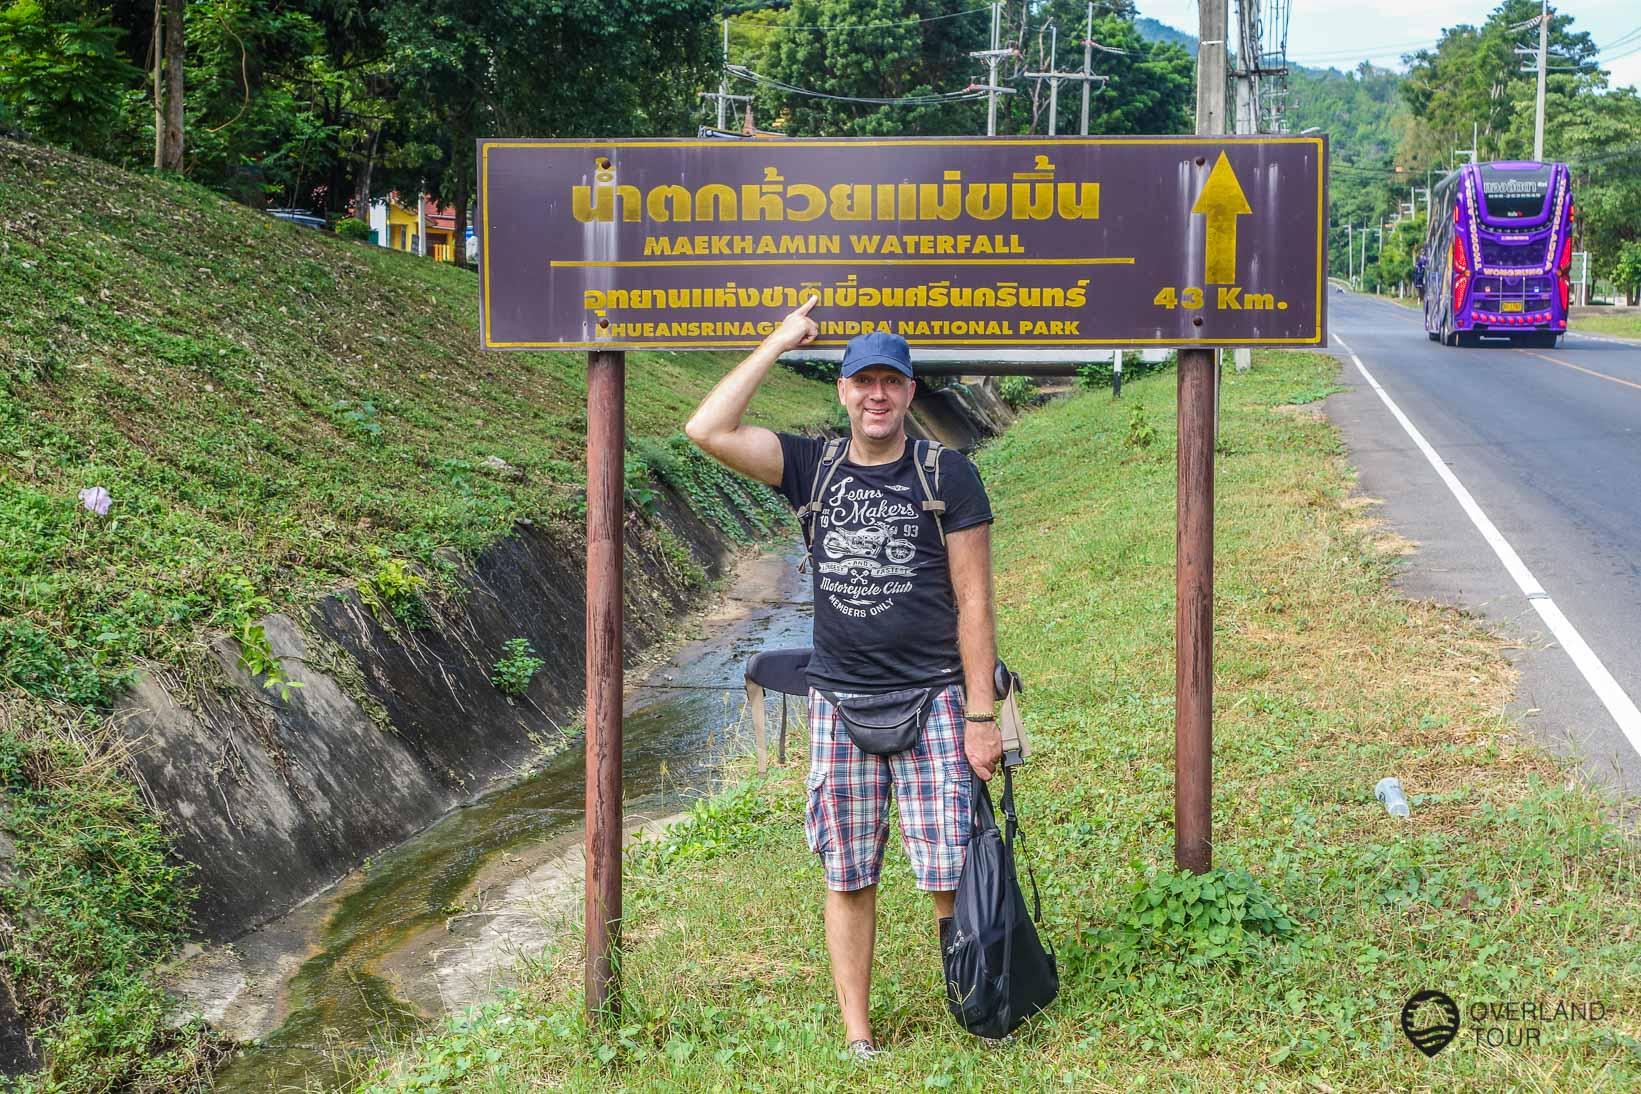 An der Hauptstraße und der Einfahrt der Erawan Wasserfällen. Weiter geht es noch zu den Huay Meakamin Waterfalls - Nur noch 43 km per Anhalter